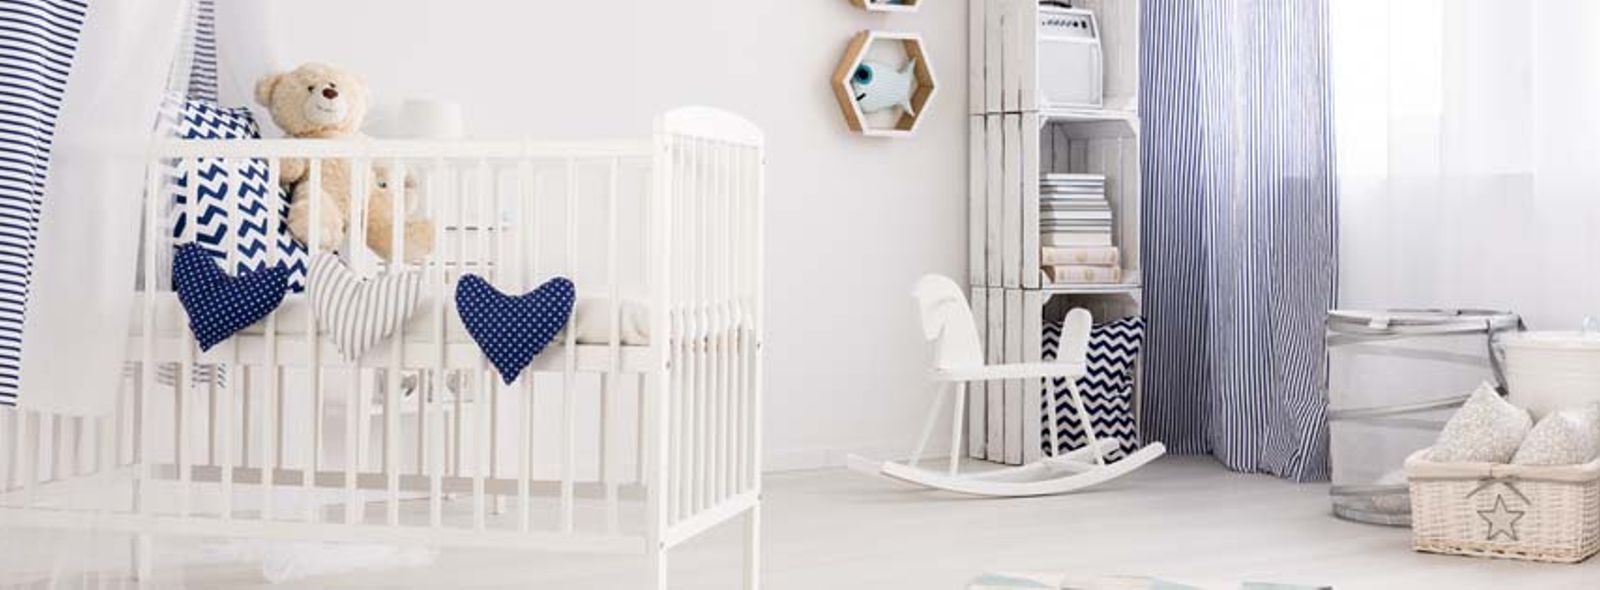 Come organizzare la cameretta del neonato